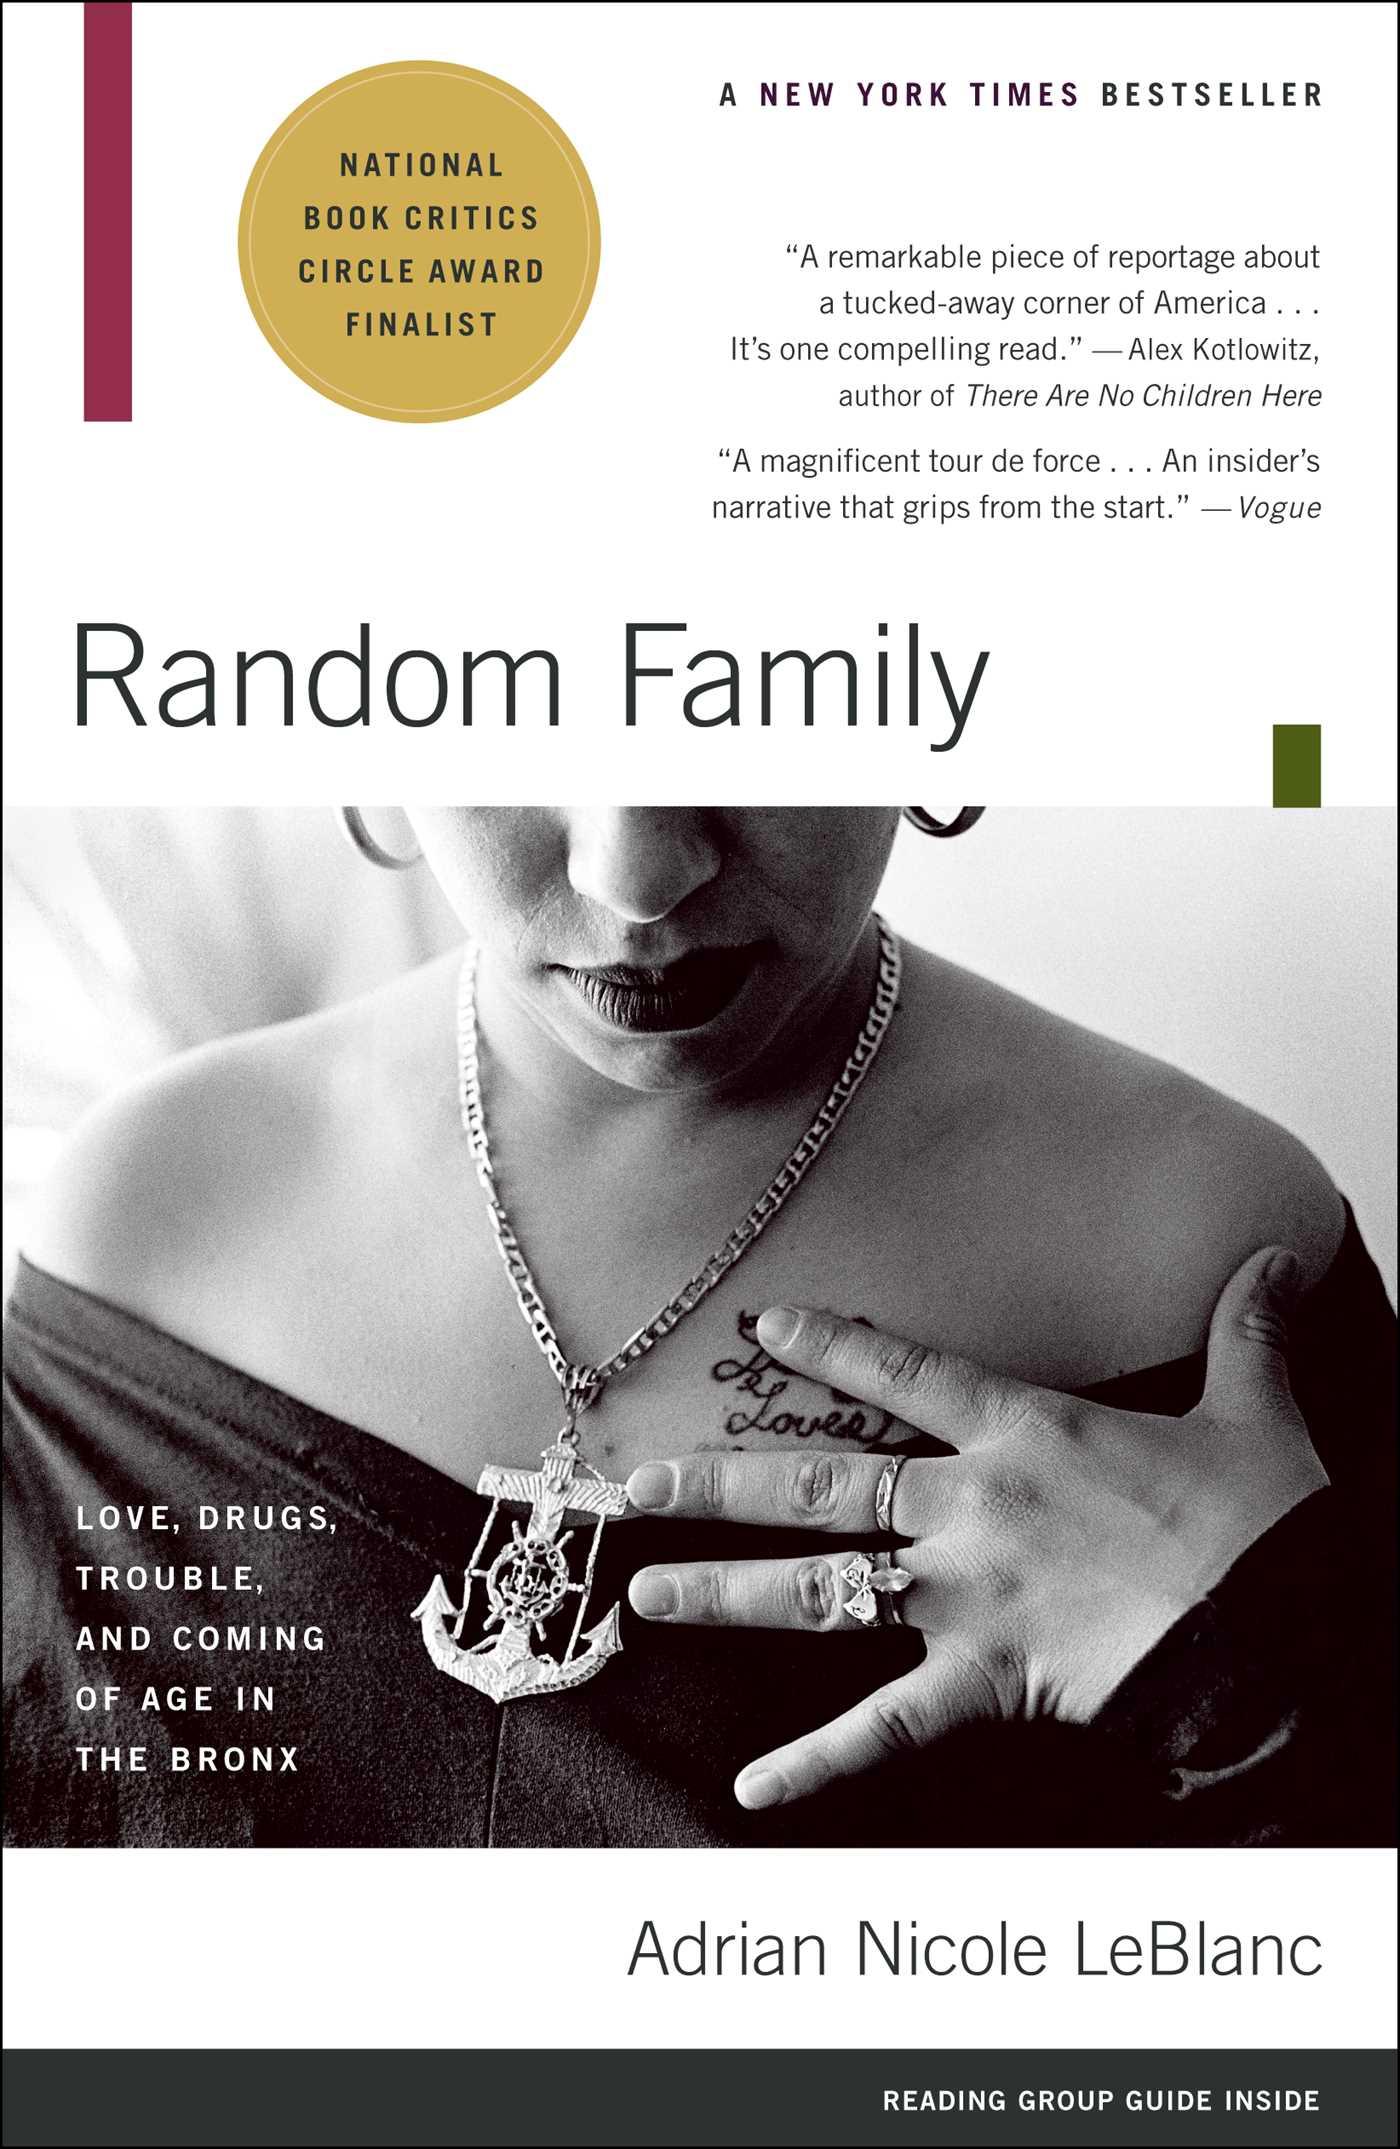 Random family 9780743254434 hr